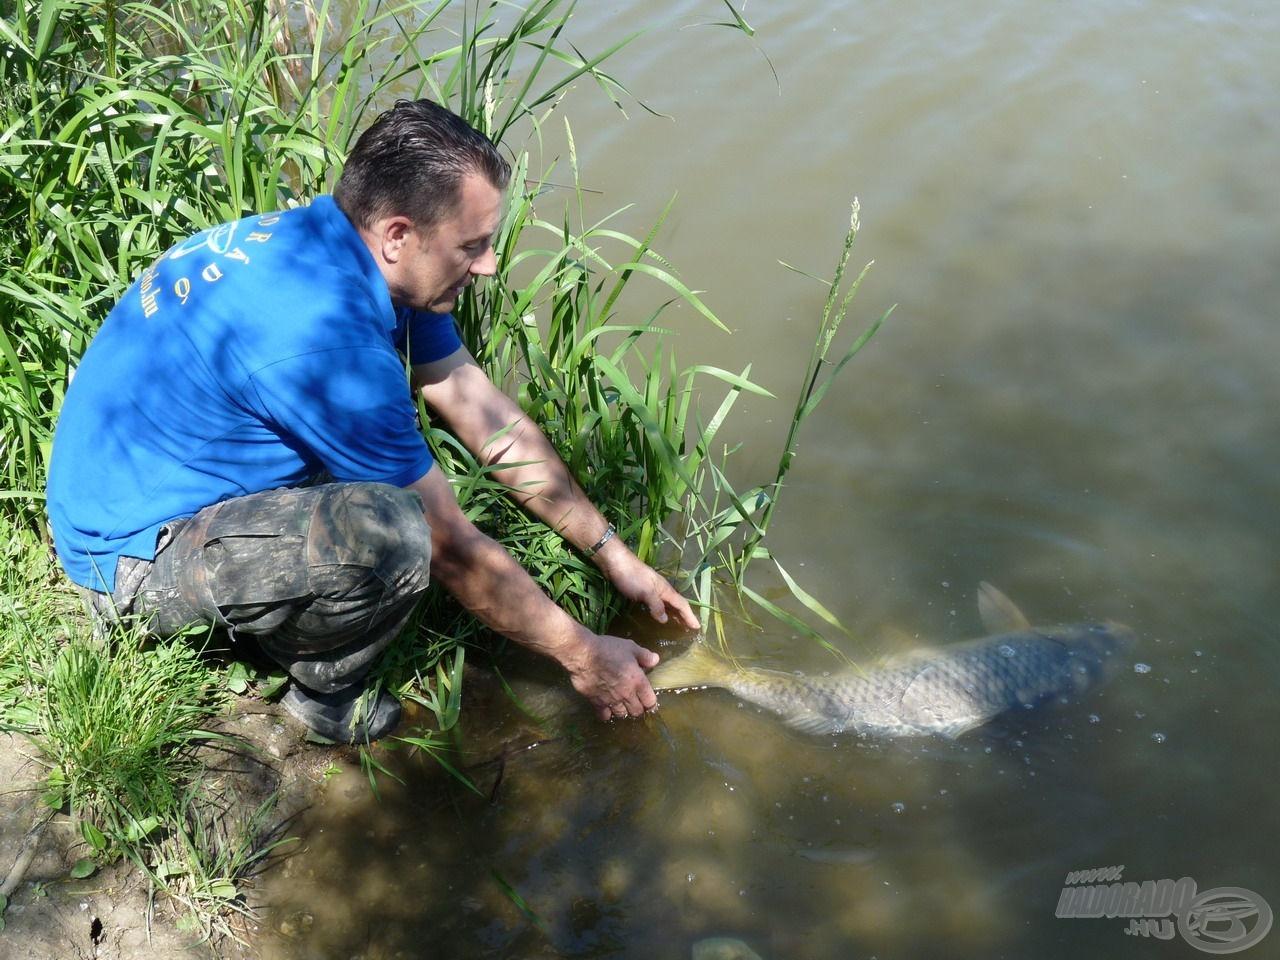 A nagyponty-horgászat alapja a kíméletes bánásmód és a C&R!